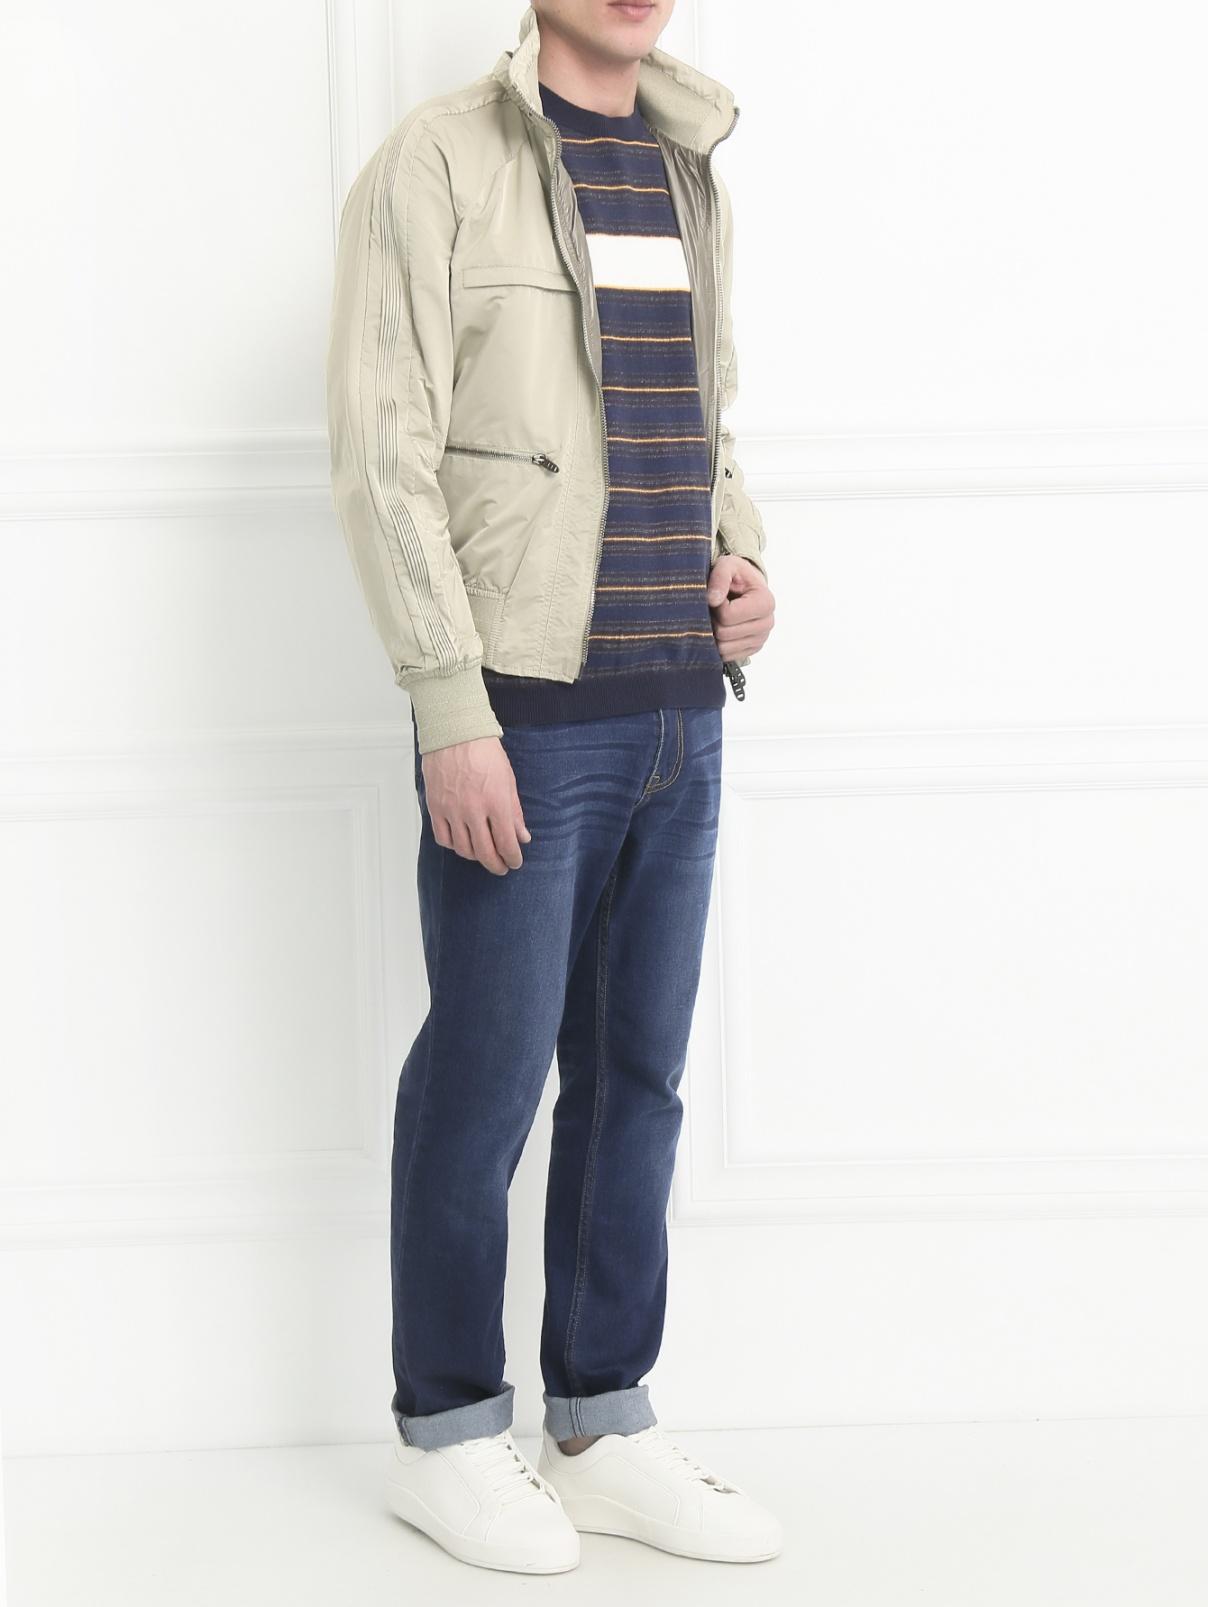 Куртка на молнии Ermanno Scervino  –  Модель Общий вид  – Цвет:  Бежевый